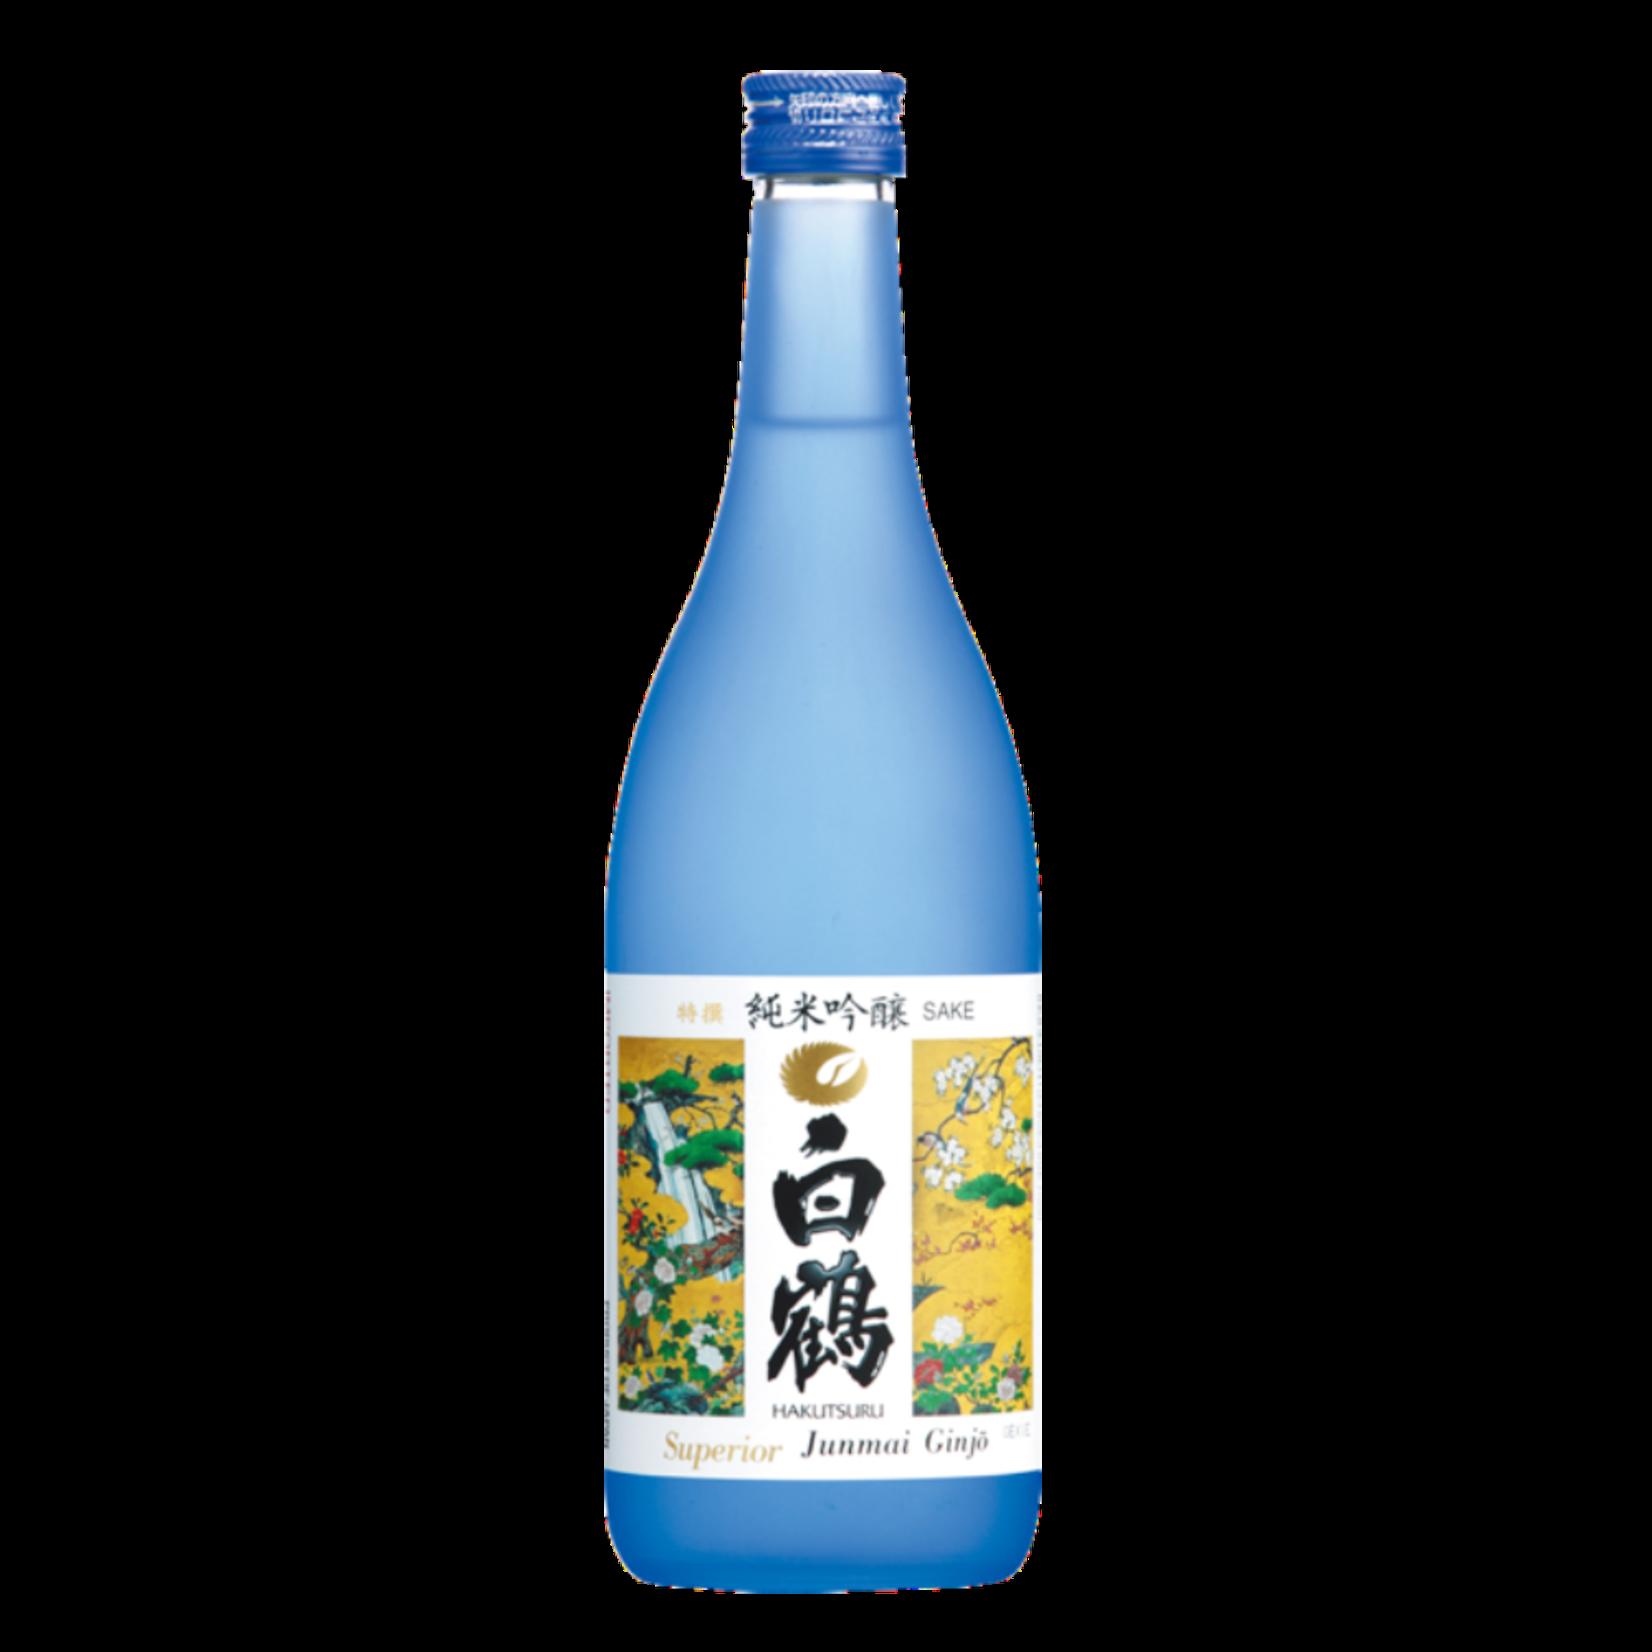 Sake Hakutsuru Sake Junmai Ginjo Superior 720ml